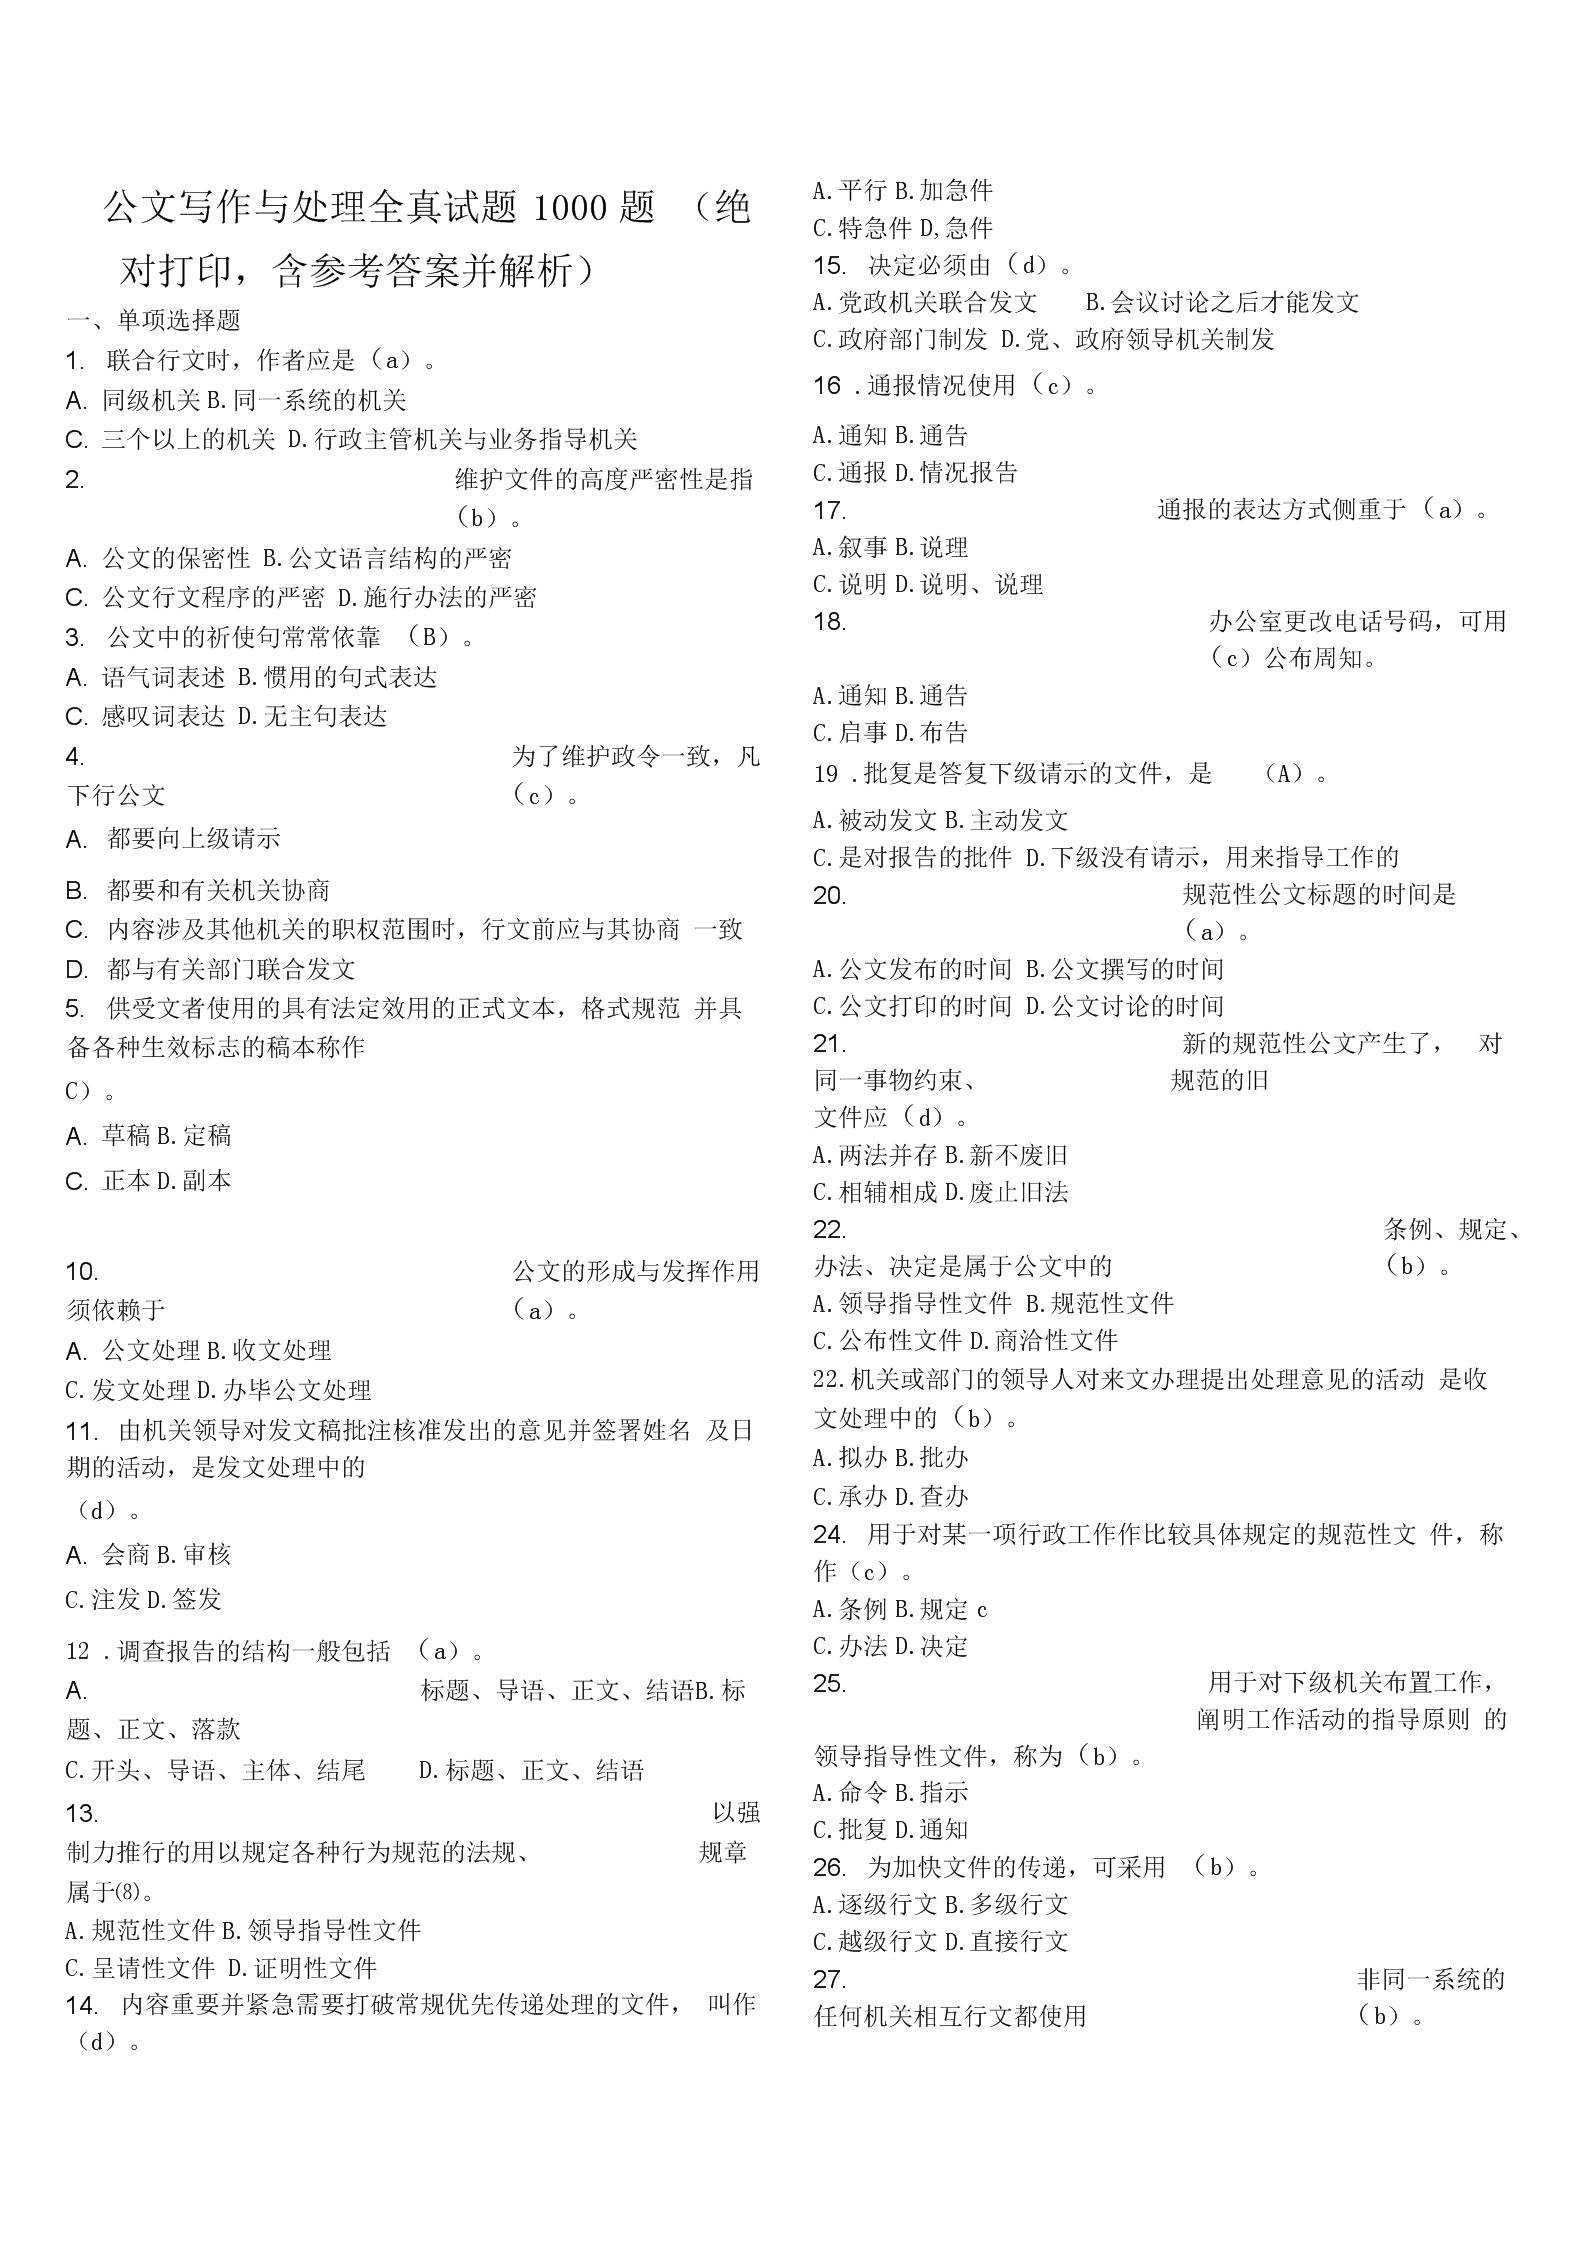 公文寫作試題1000-含答案解析.docx